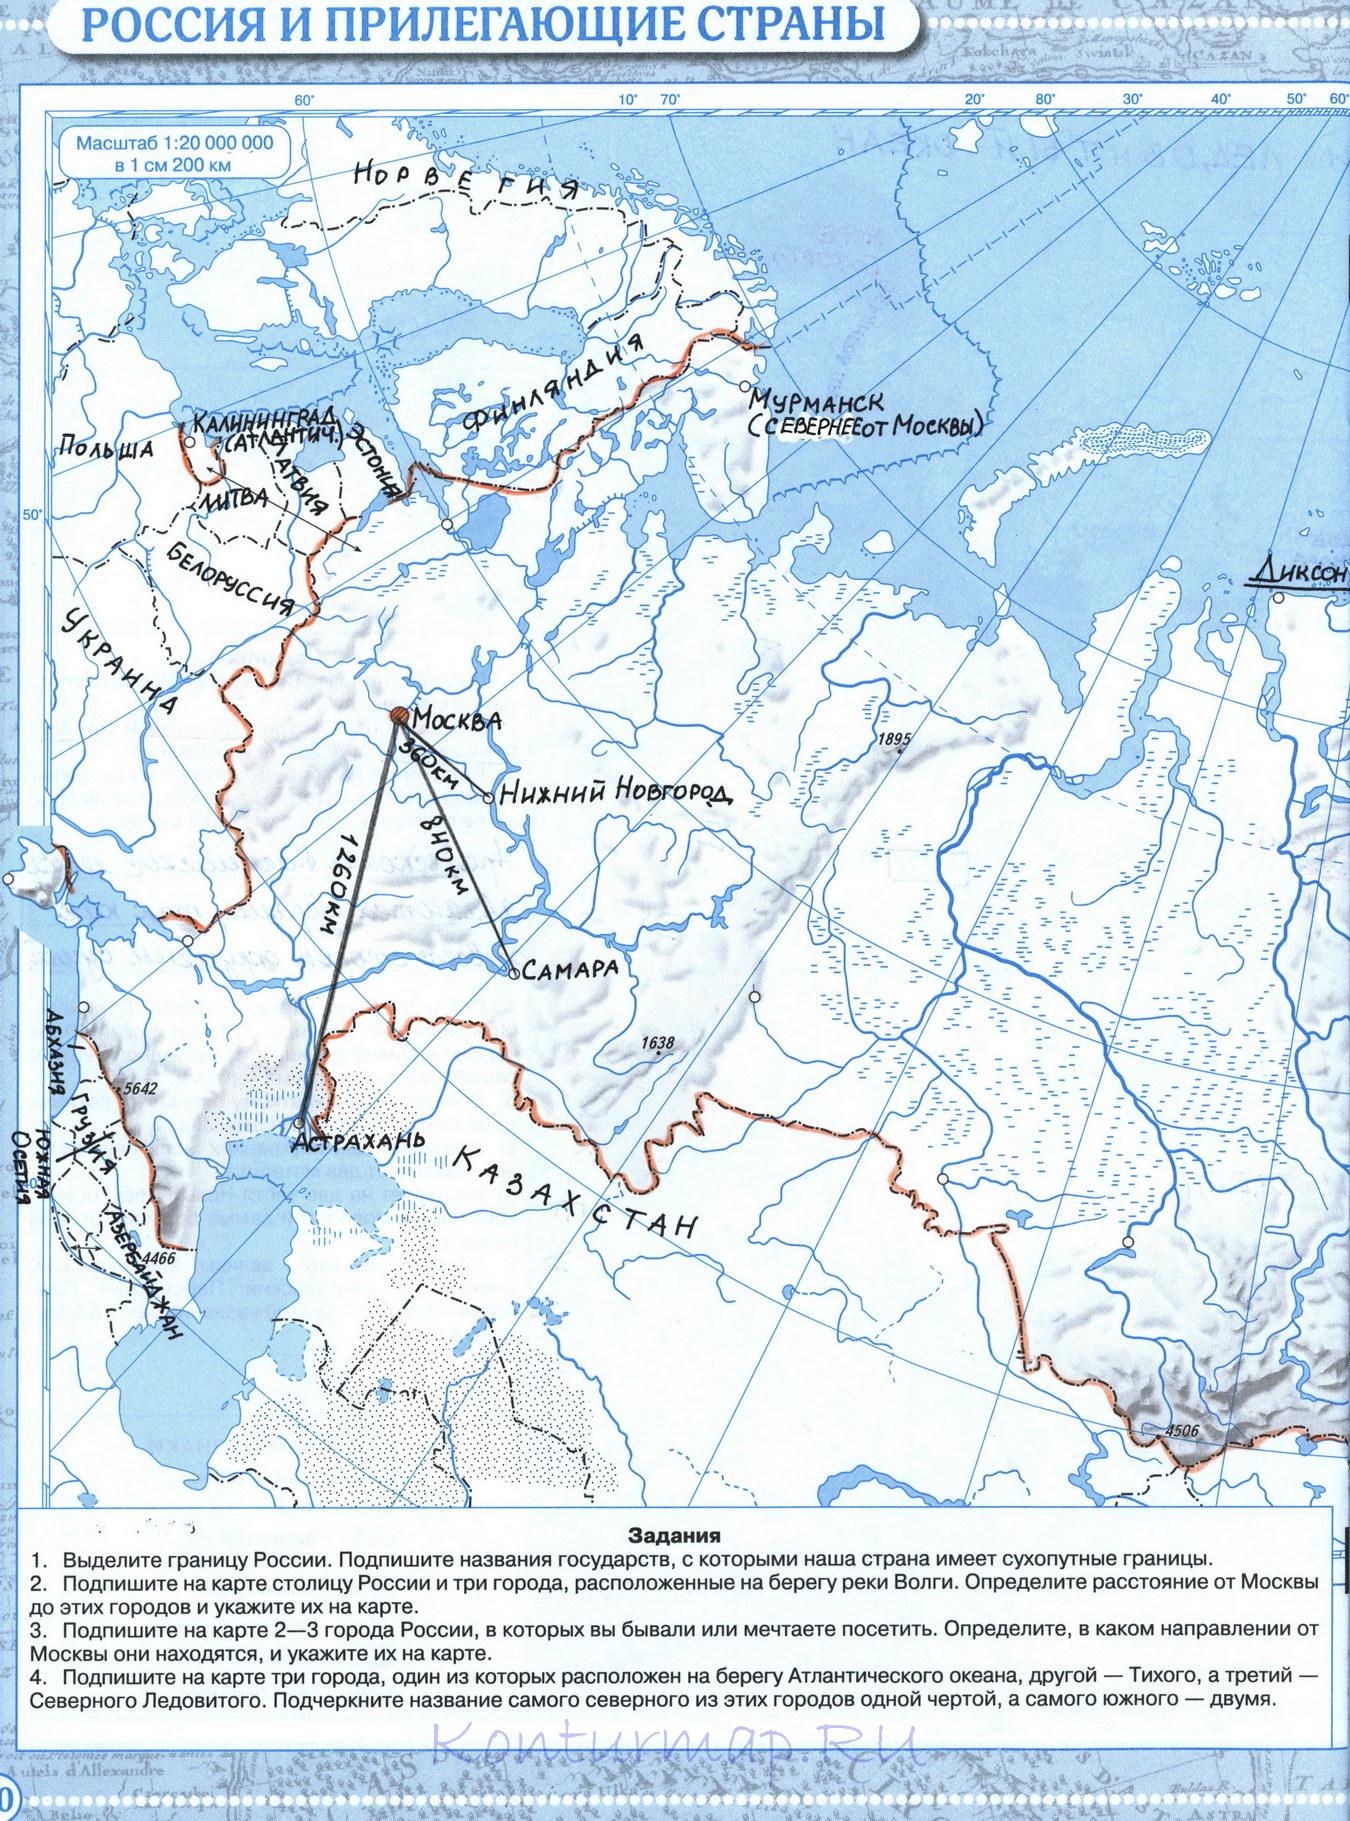 География 7 класс контурная карта атлантический океан